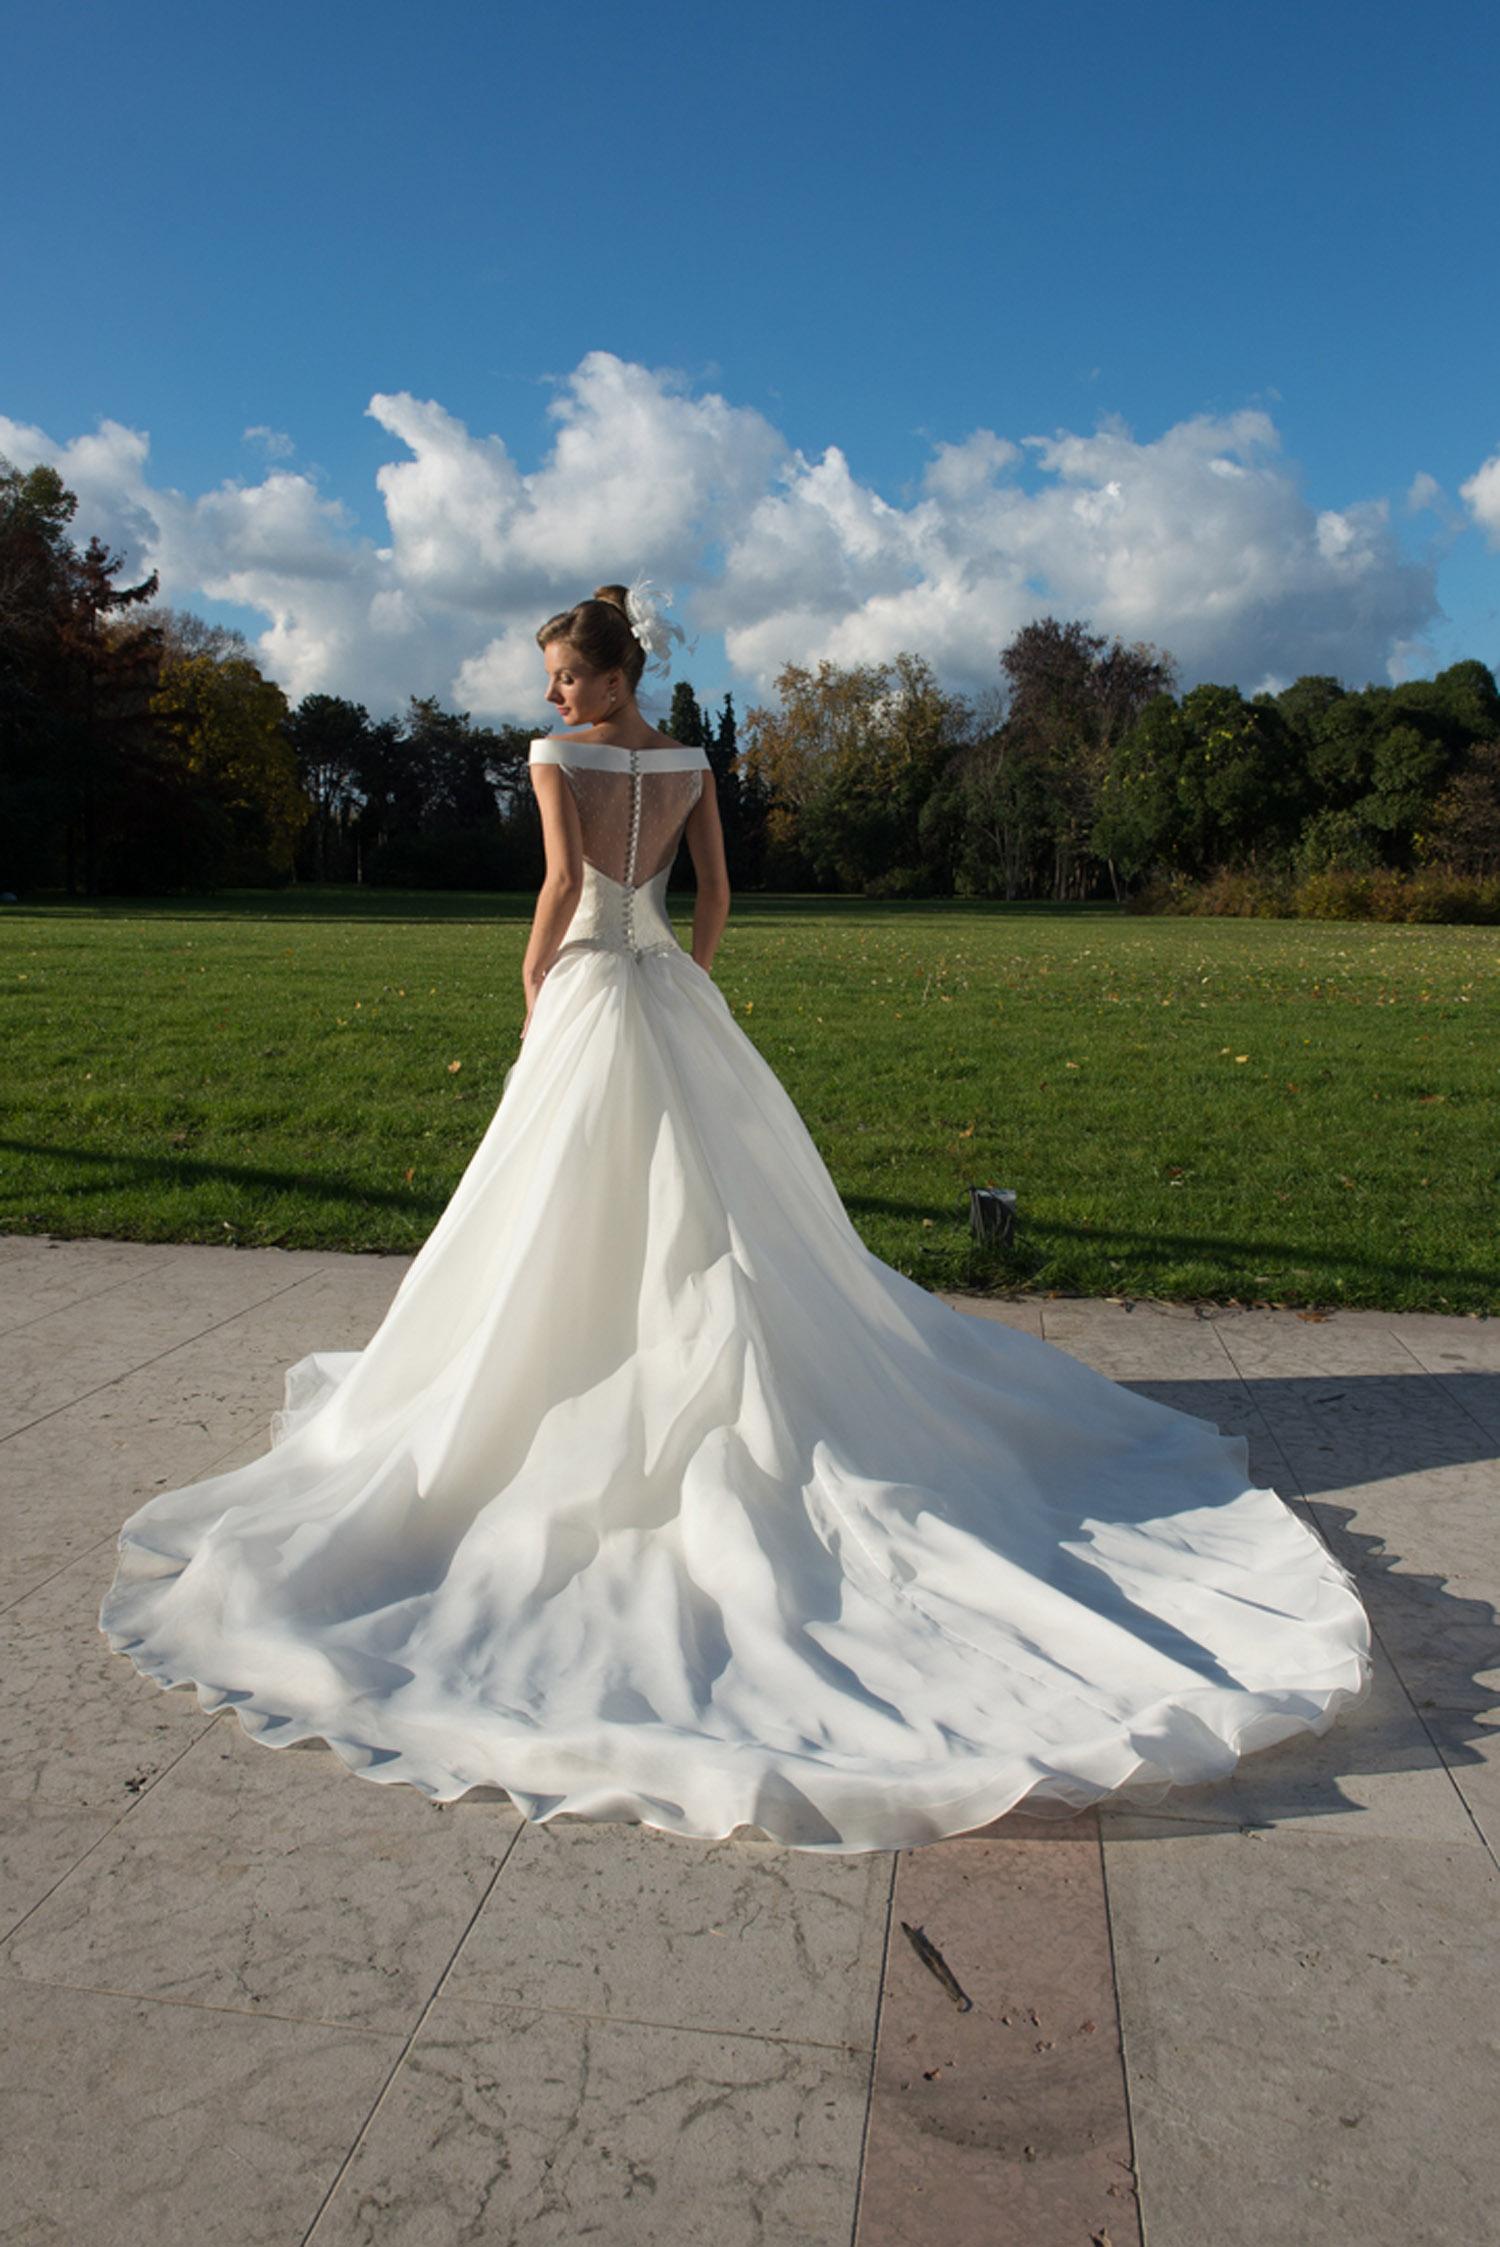 22-Atelier-Sposa-Matrimonio-provincia-di-Treviso